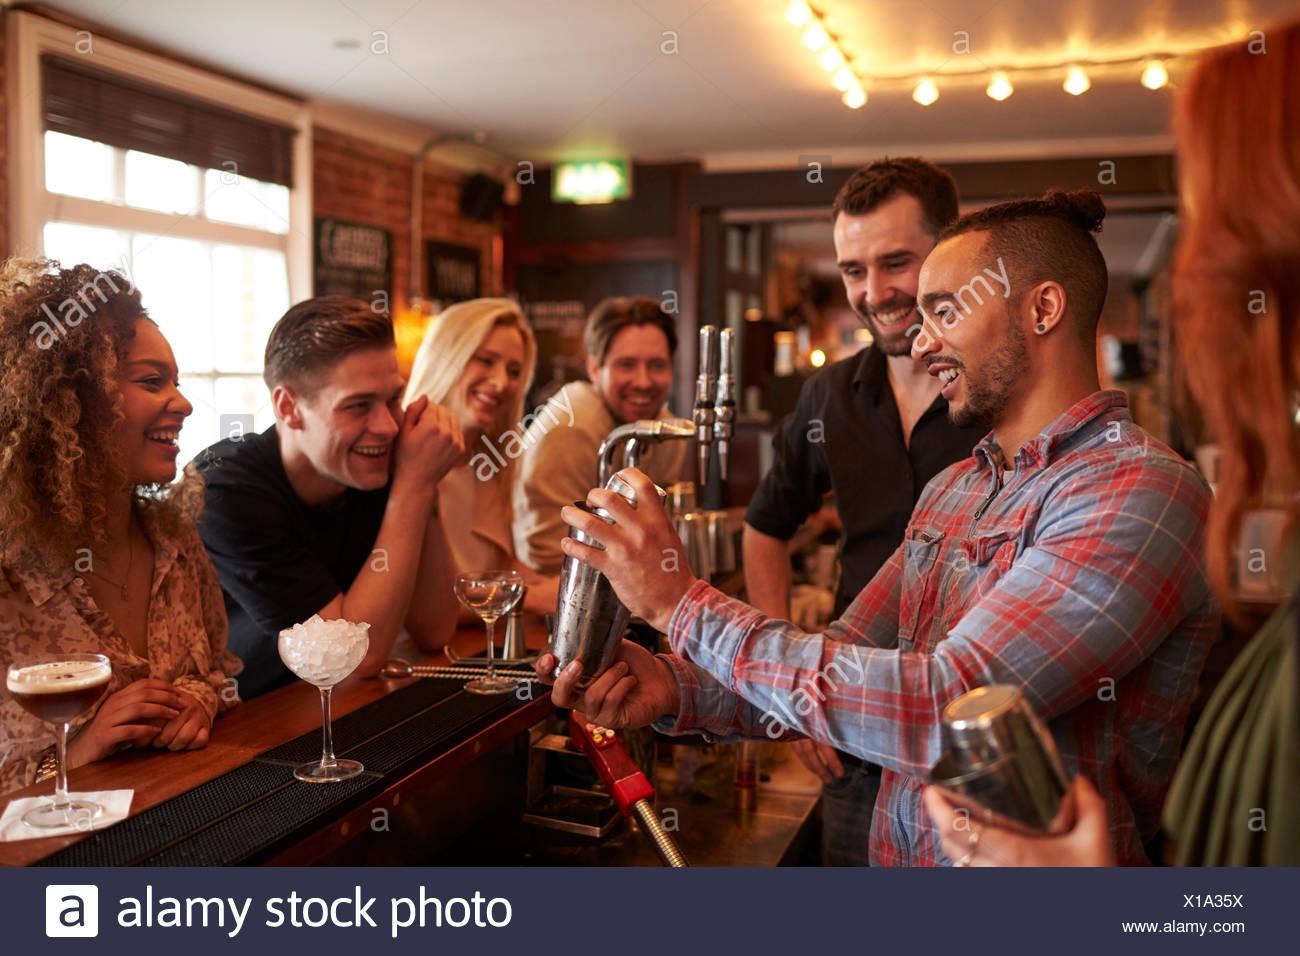 L'uomo imparando a mescolare Cocktail alla lezione in bar Immagini Stock